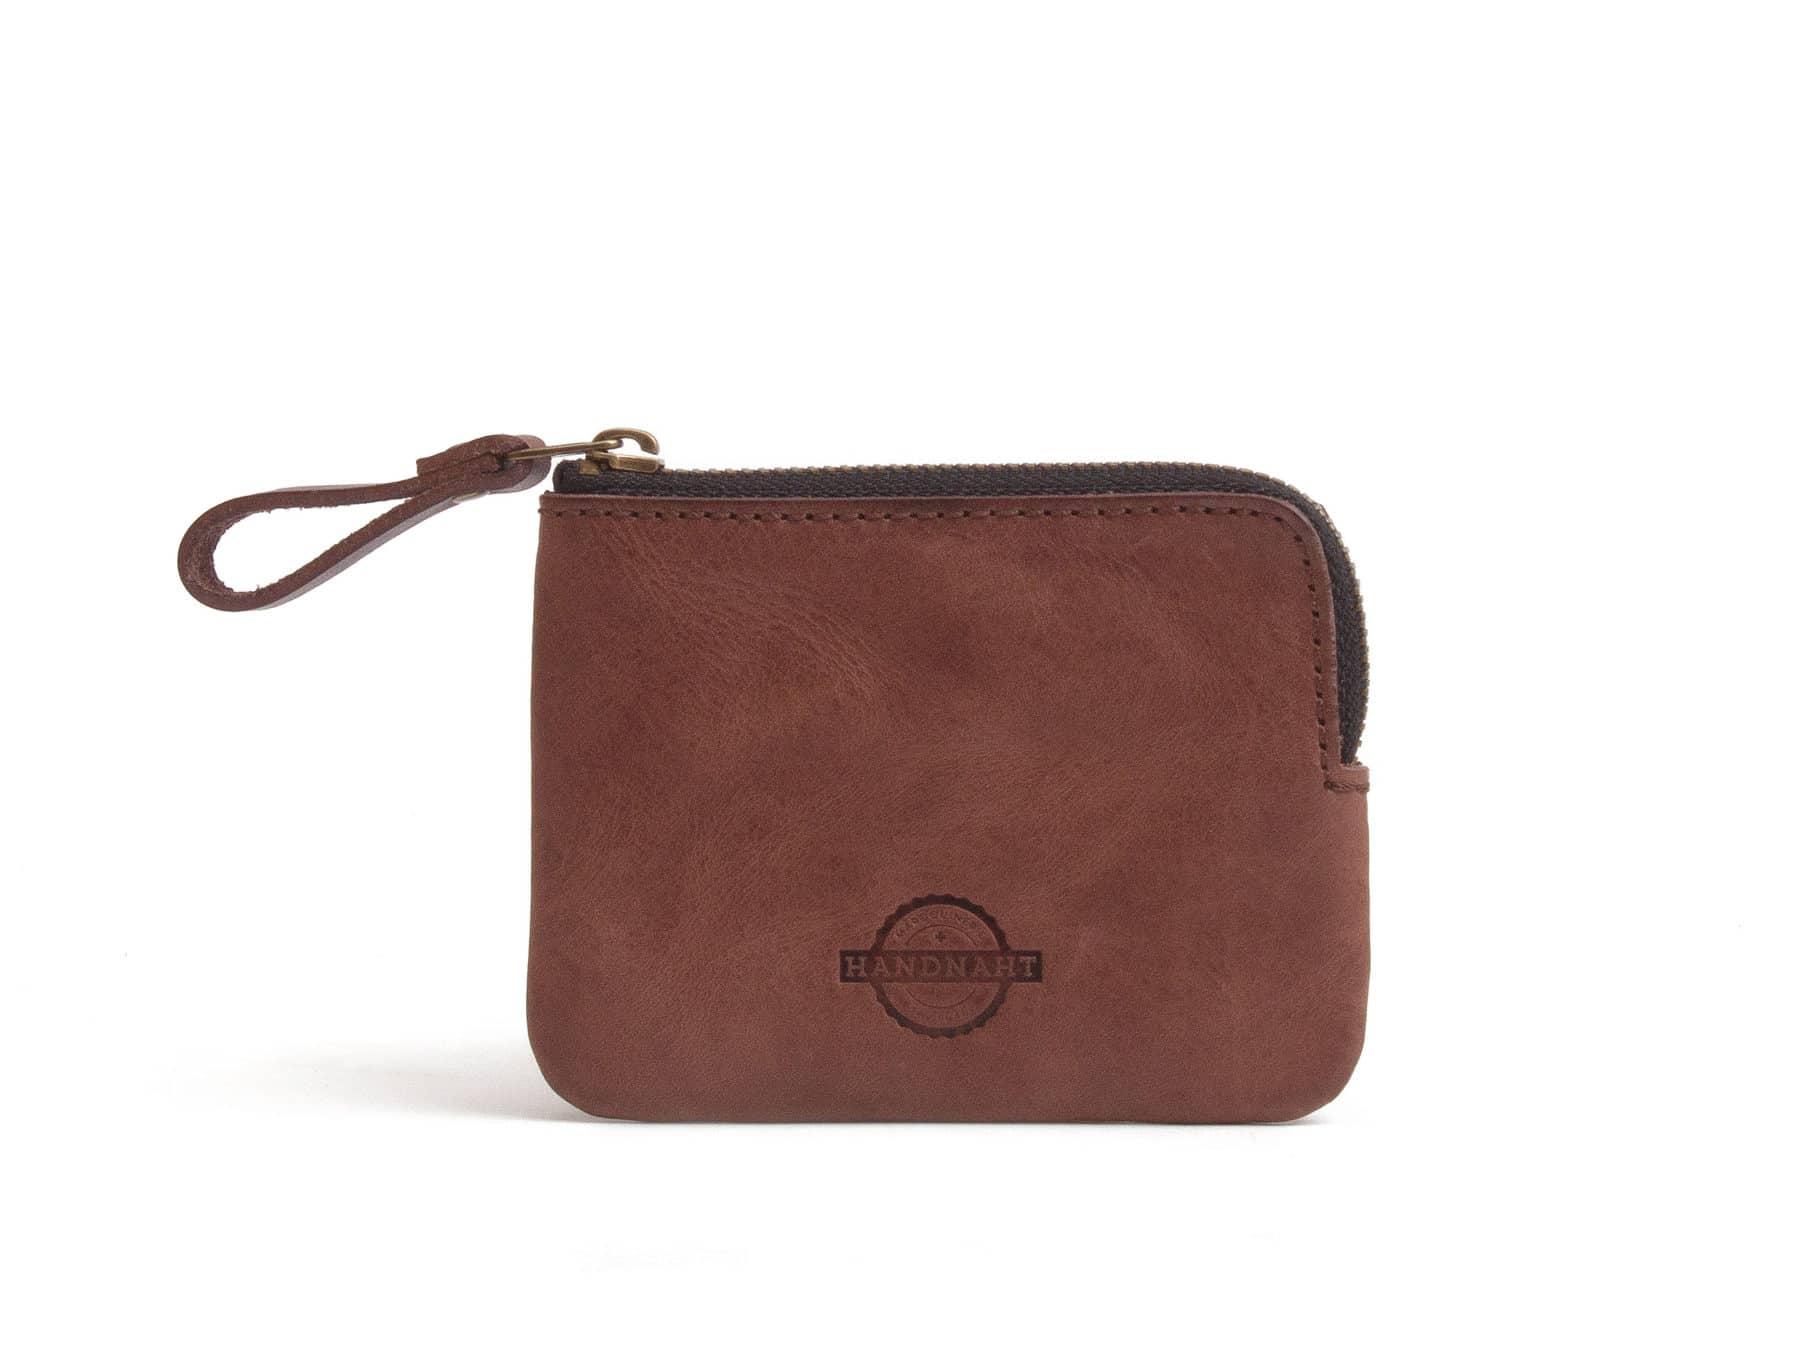 Leder Portemonnaie Brieftasche Leder Schweiz Handnaht Braun KURTS.ch